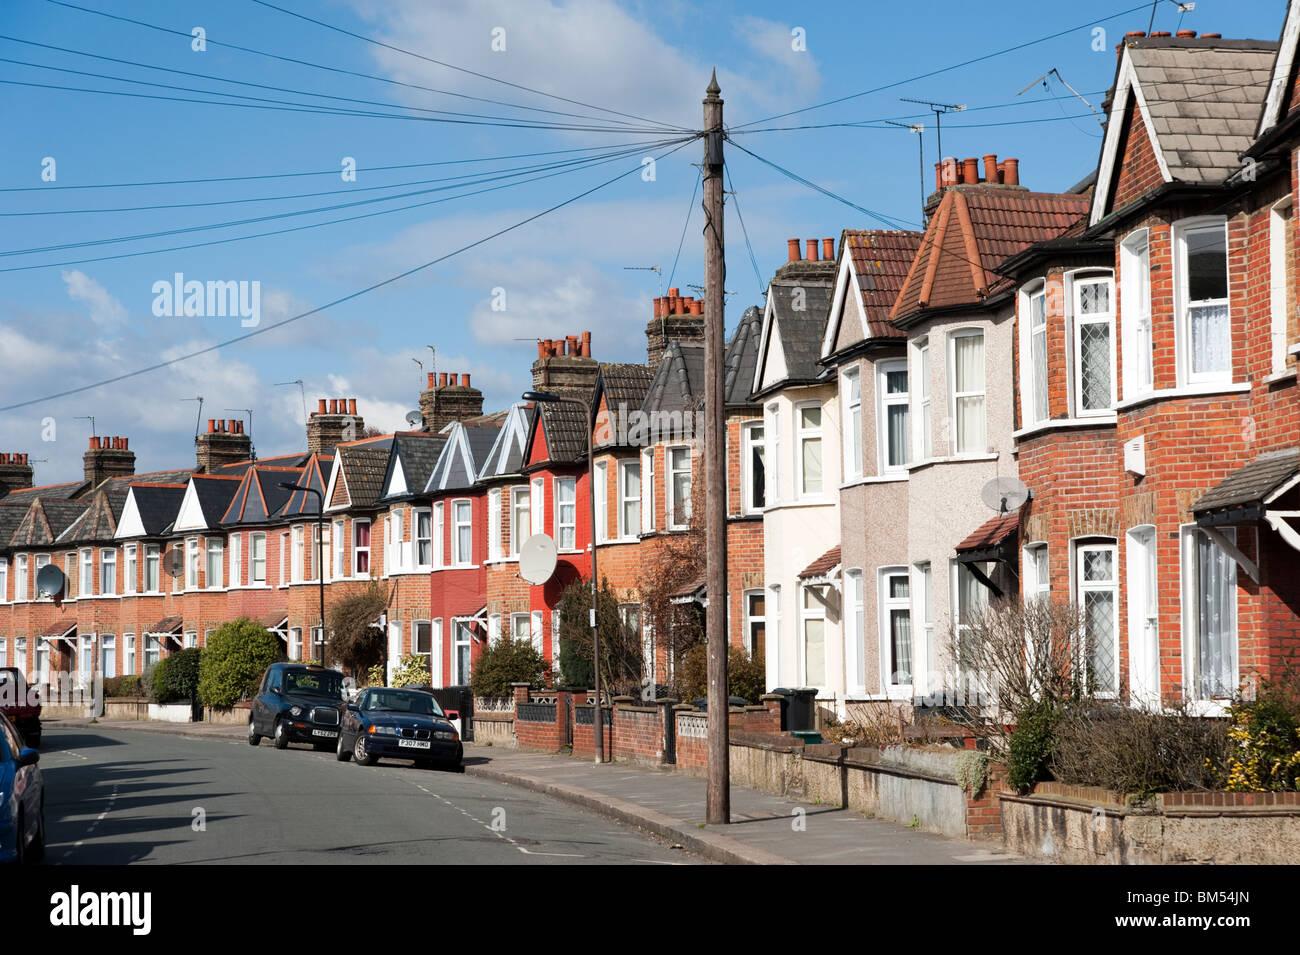 Hilera de casas adosadas en calle residencial, Londres, Inglaterra, Reino Unido. Imagen De Stock